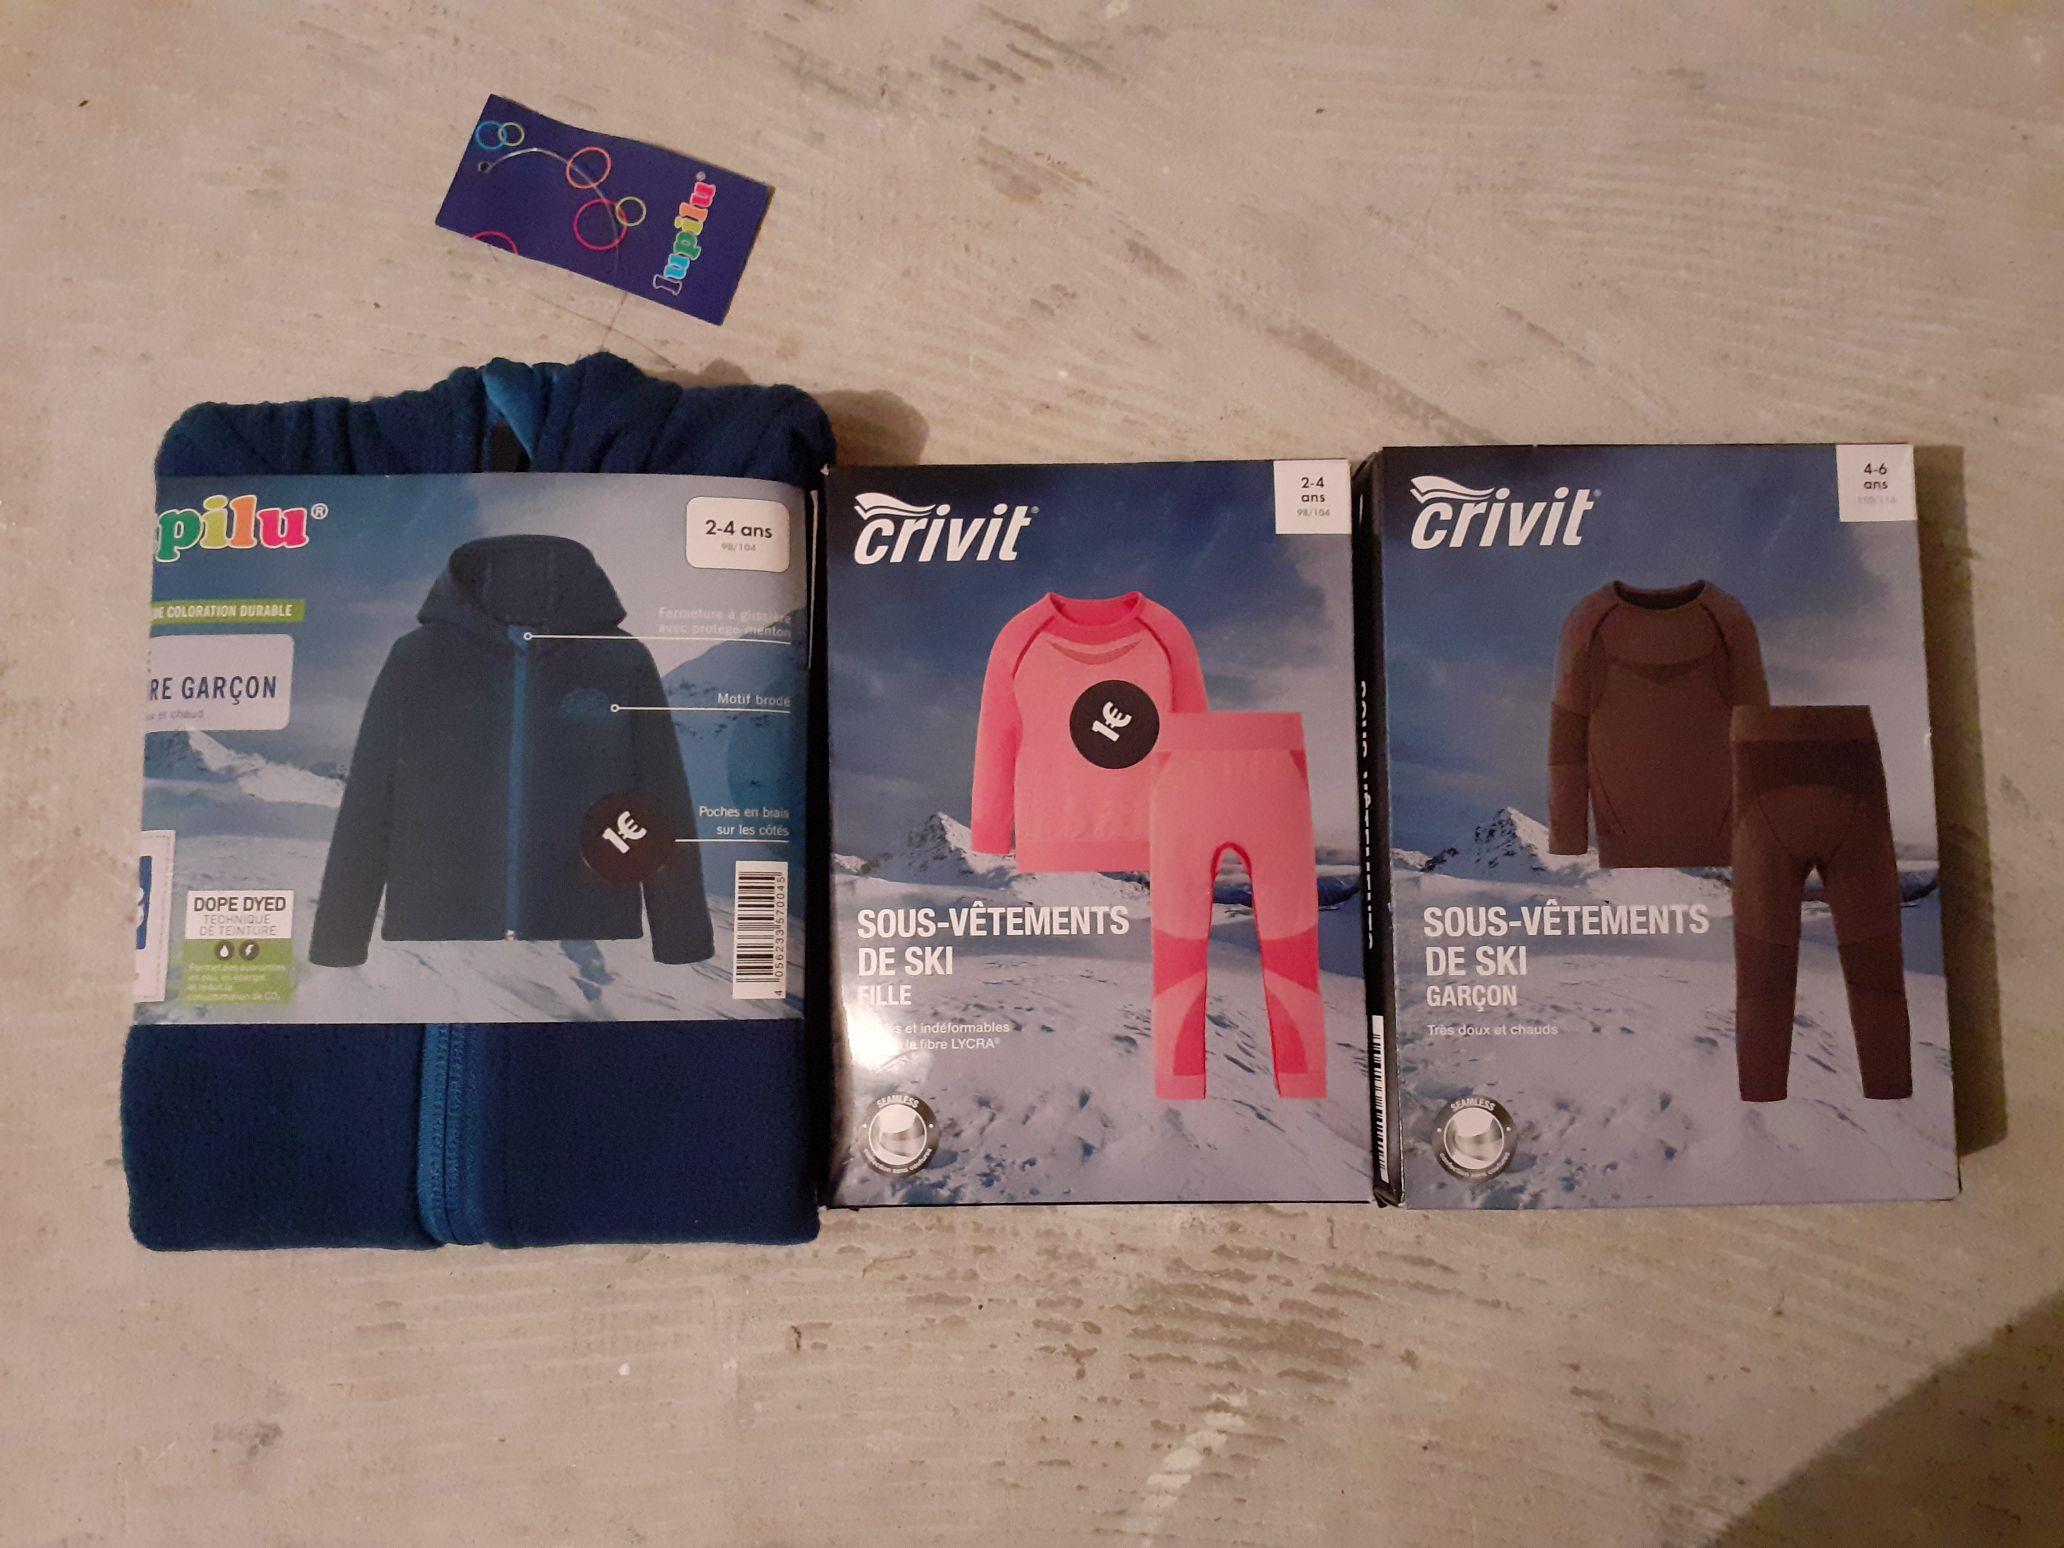 Sélection de vêtements de ski Crivit en Soldes à 1€ pour enfants - Crolles (38)